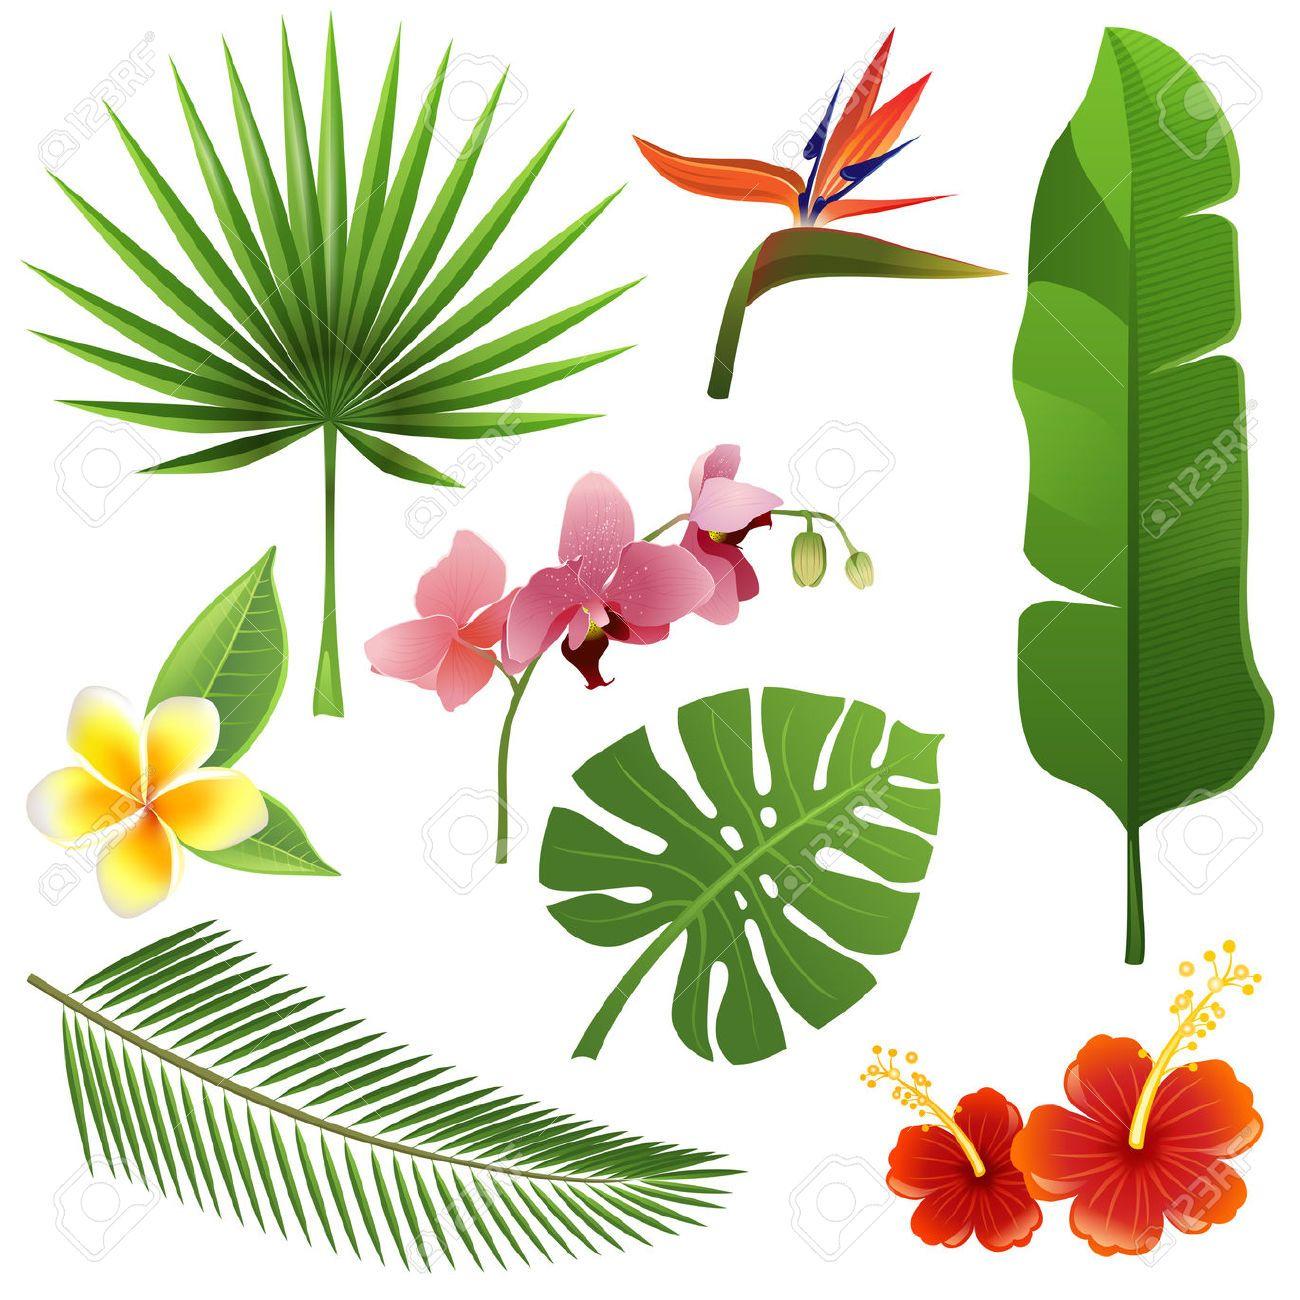 Conjunto de hojas y flores tropicales ilustraciones for Art flowers